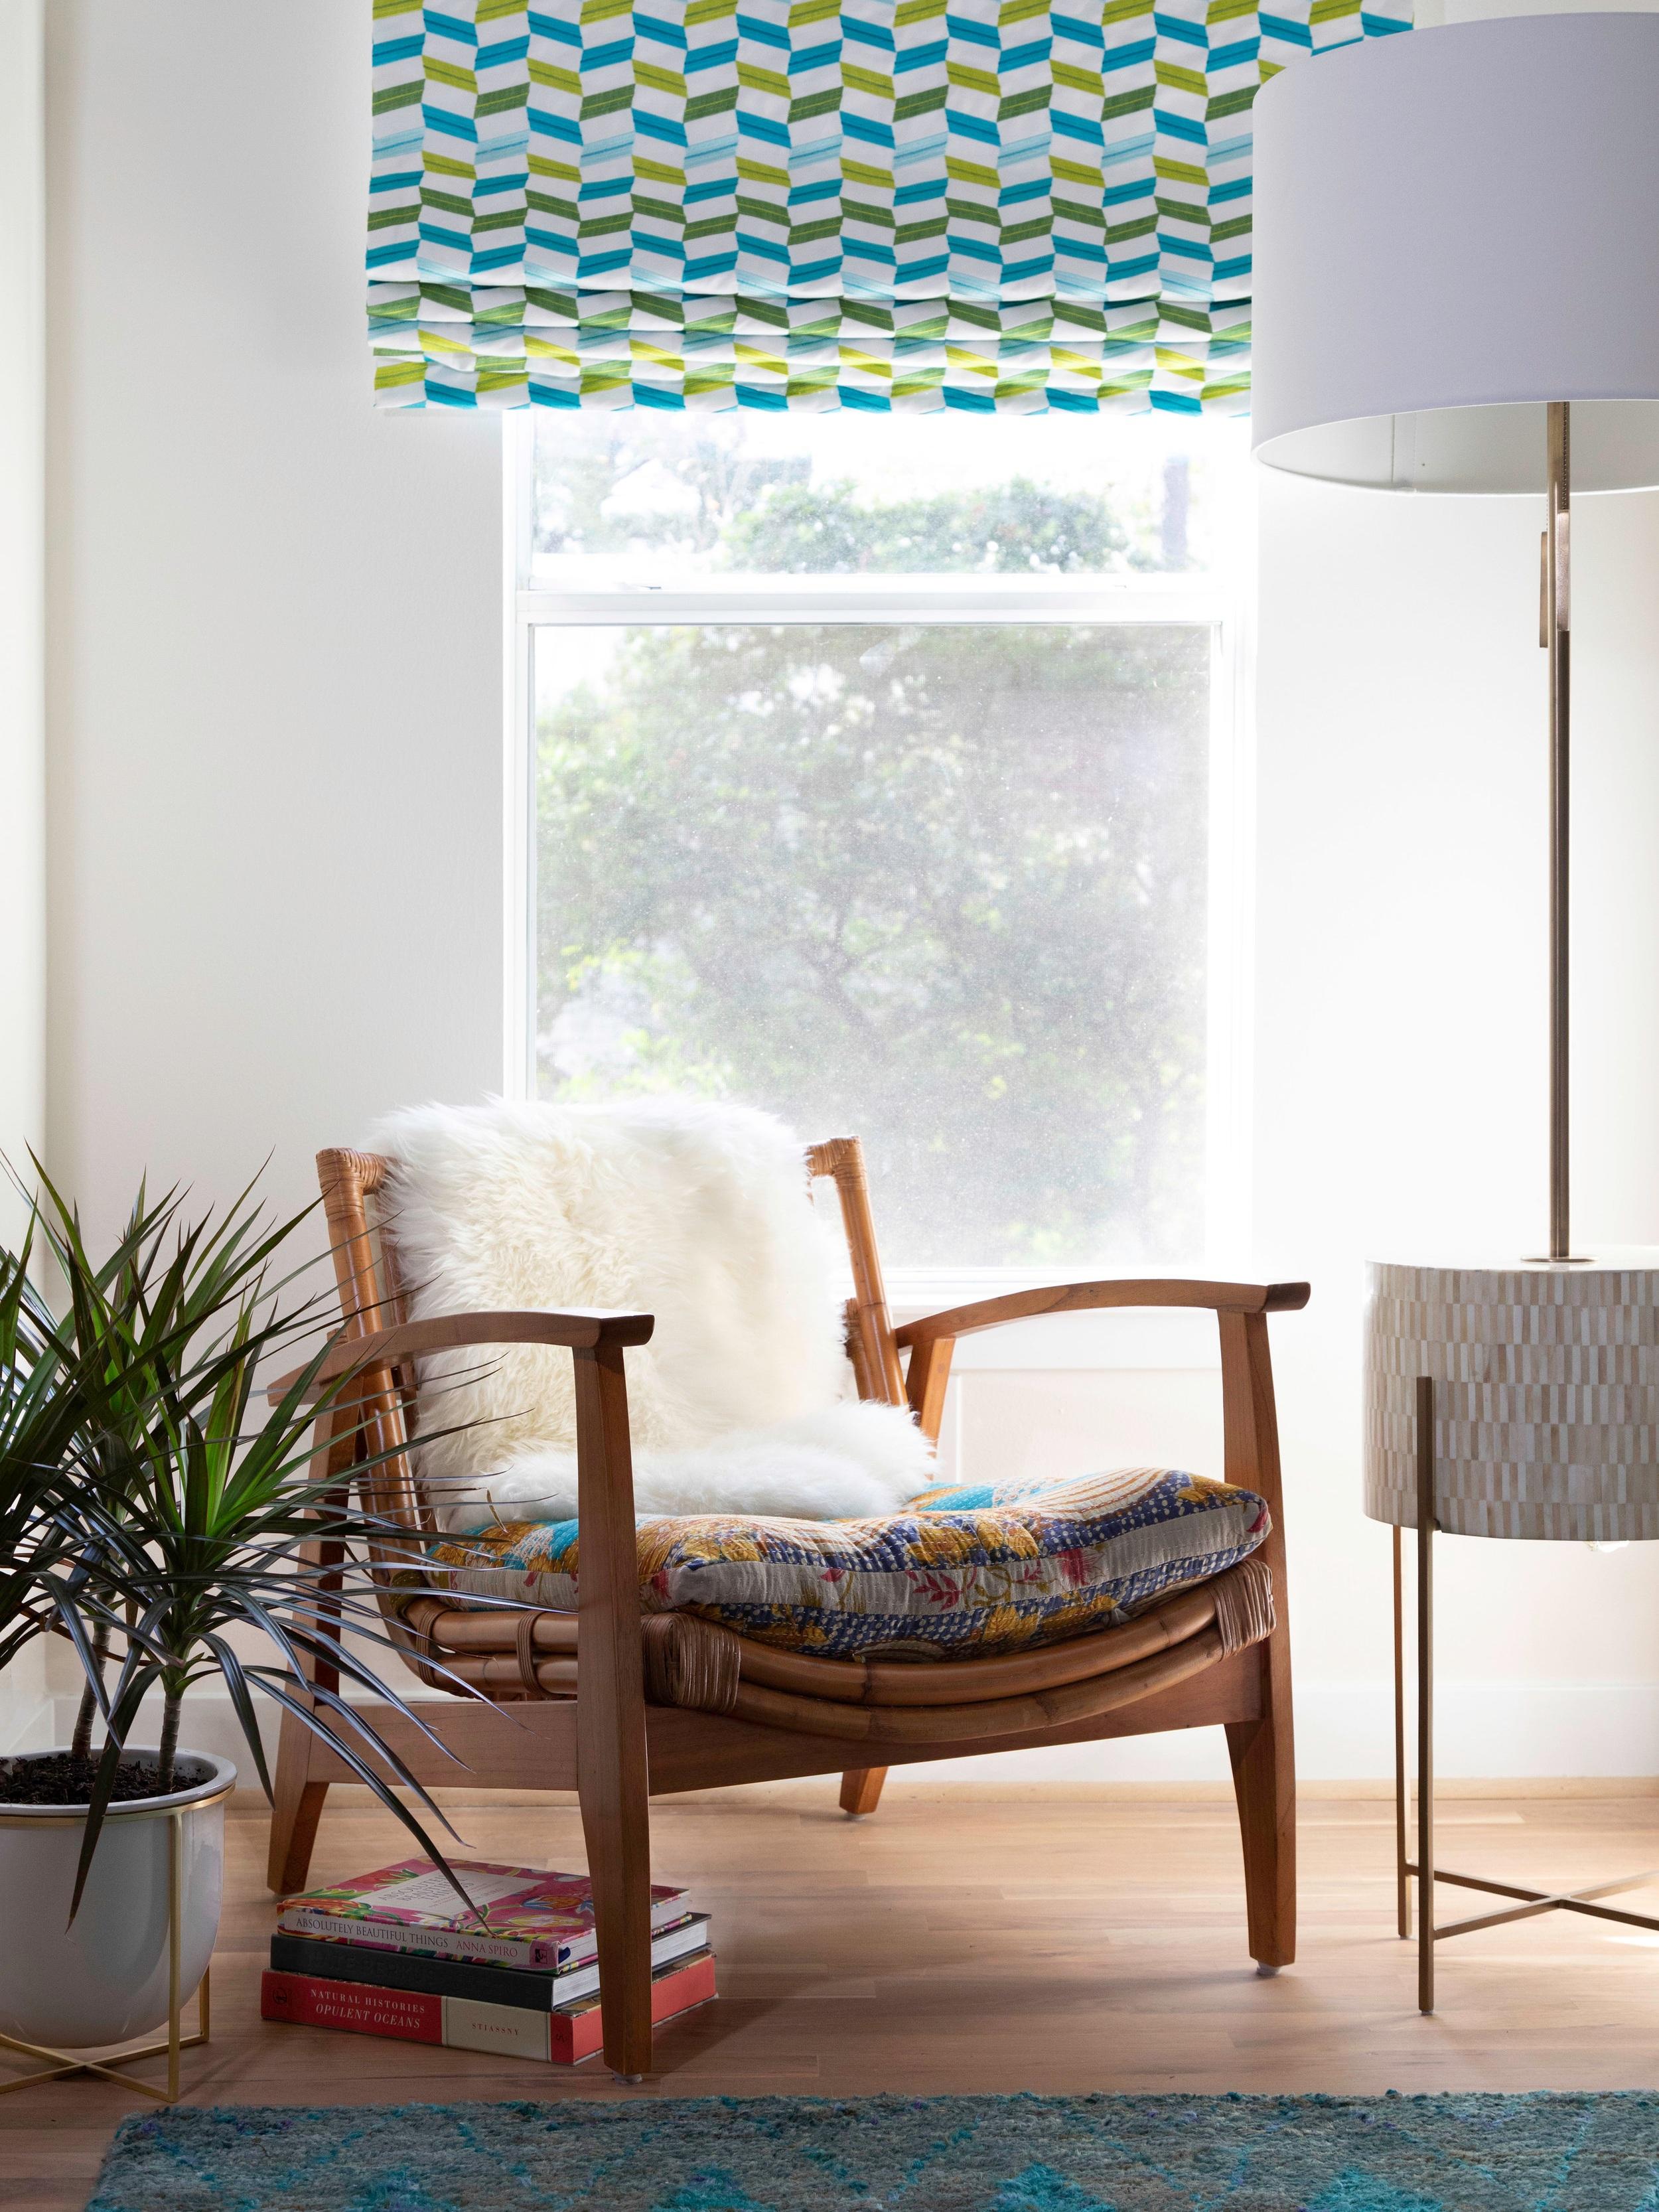 Chair+%26+Lamp+Vignette.jpg